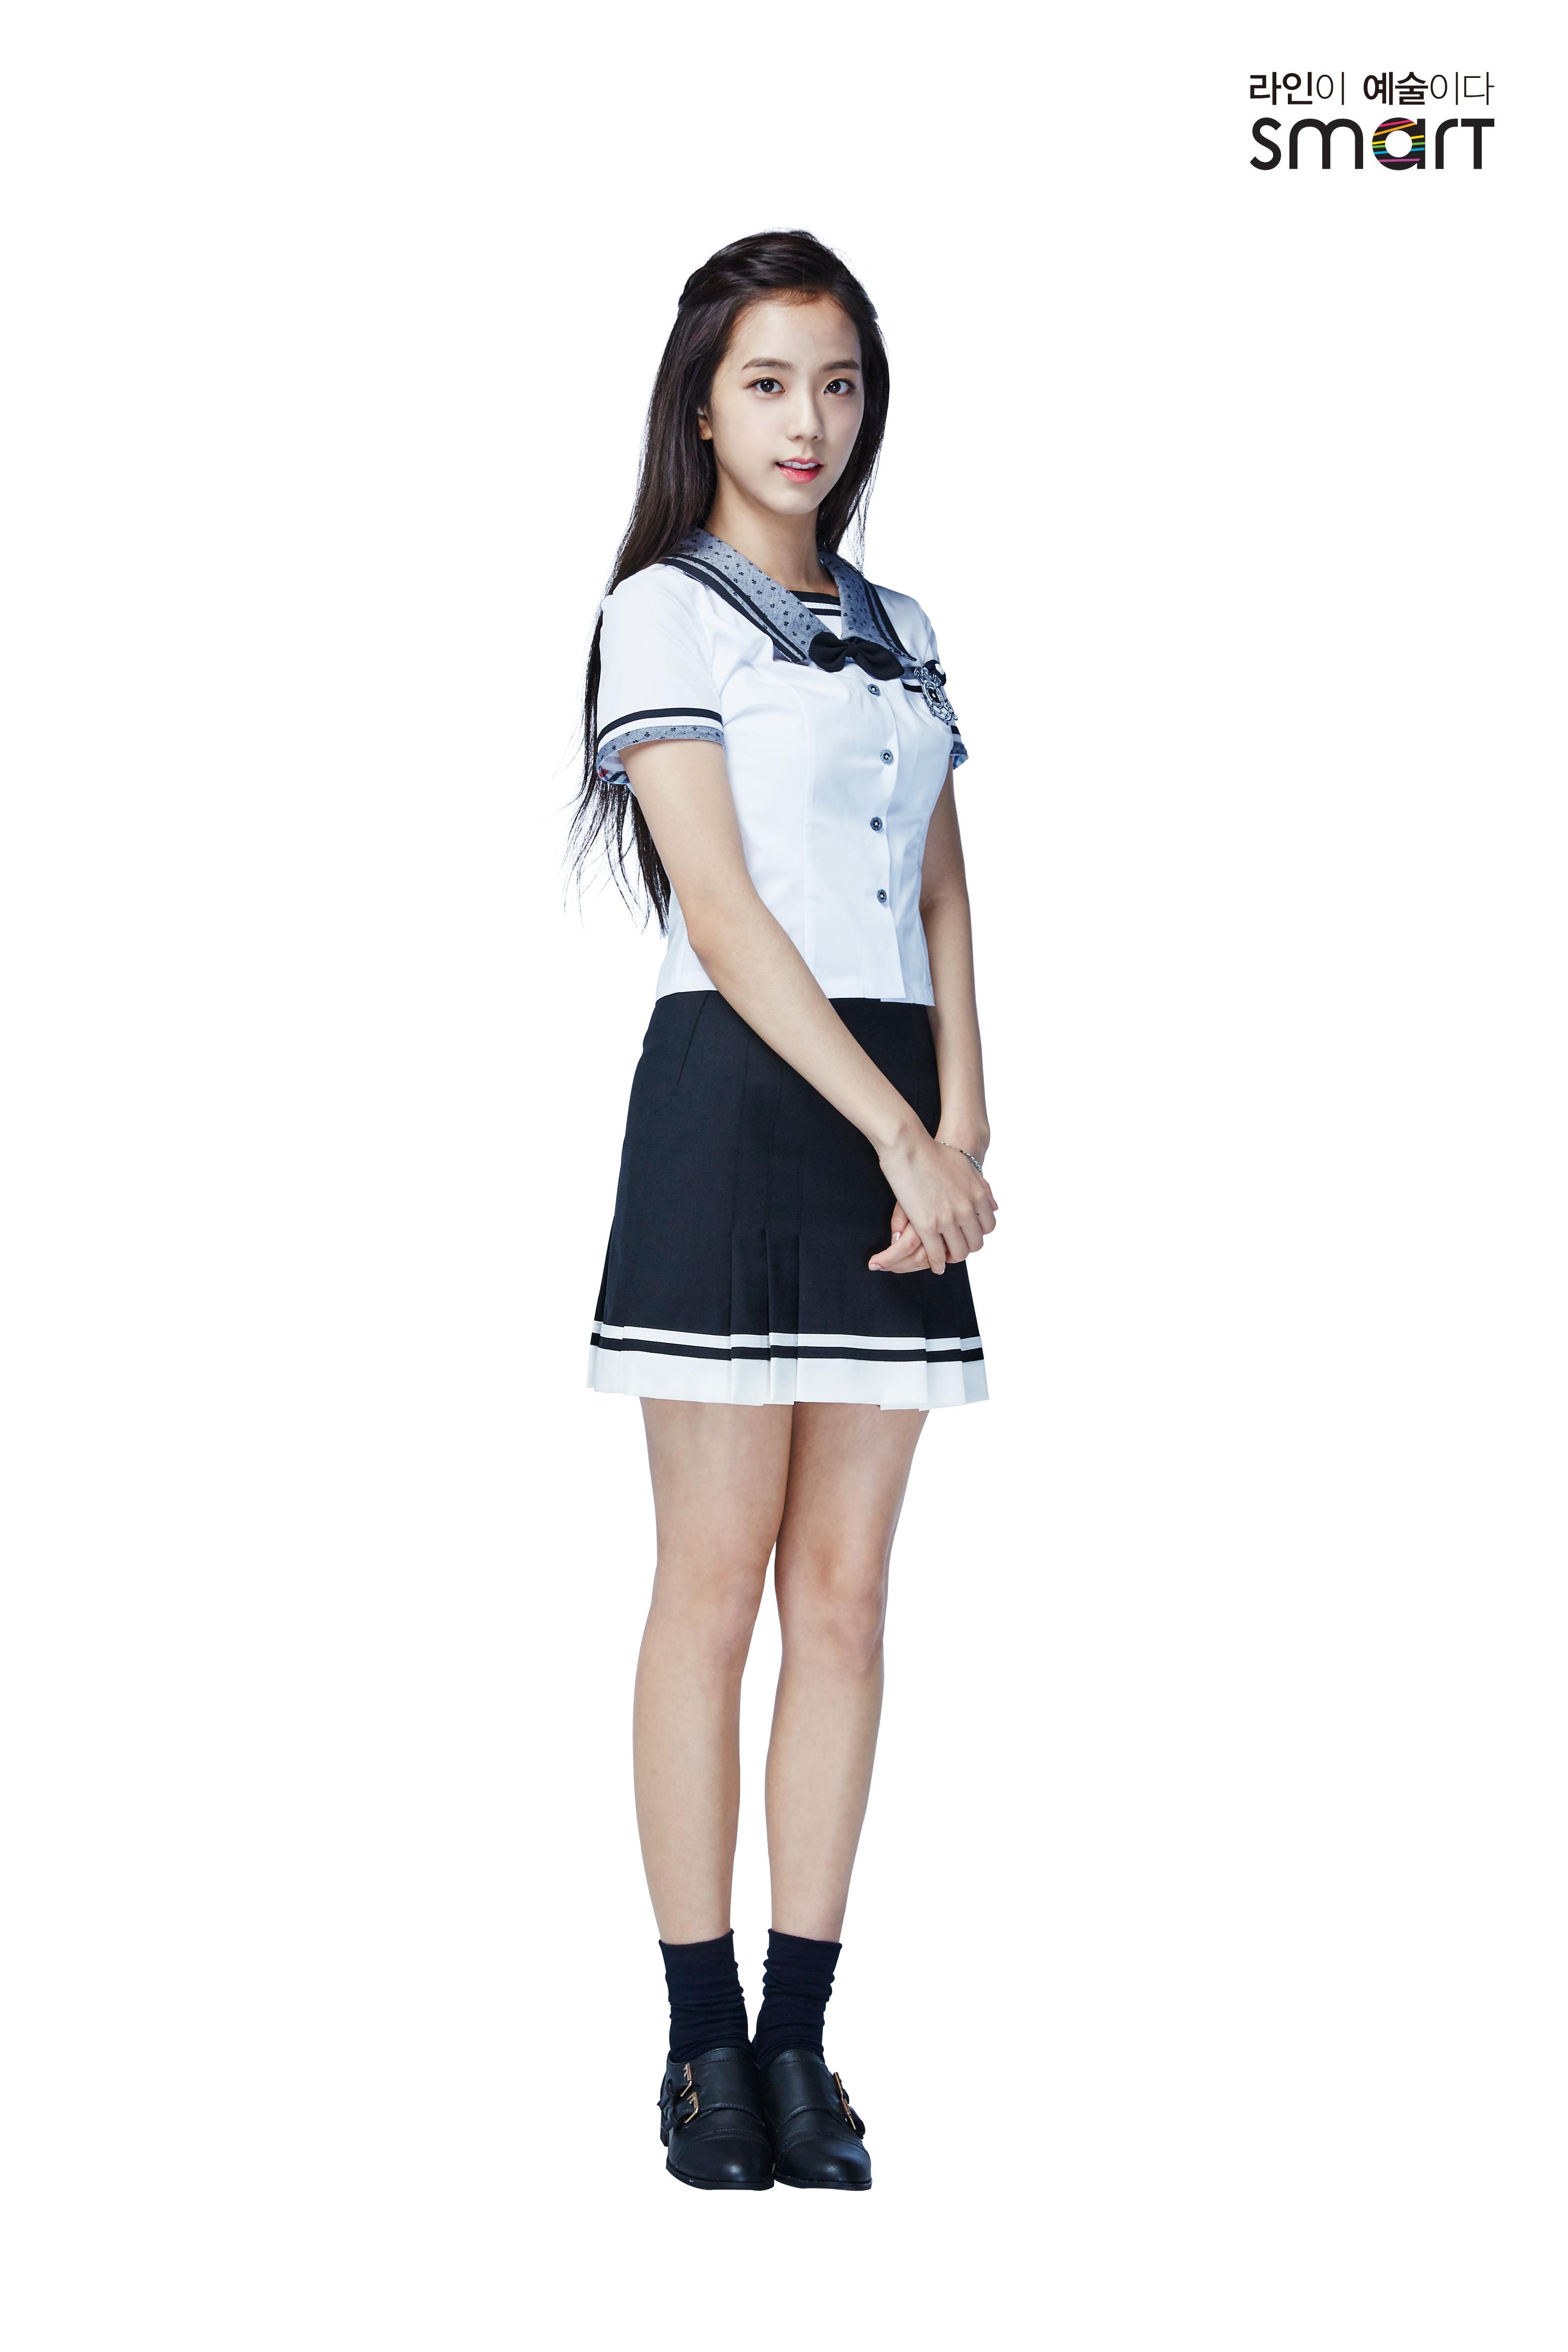 [ENDORSEMENT] 160504 HQ Photos of Jisoo with iKON for 2016S Smart Uniform u2013 YGDreamers